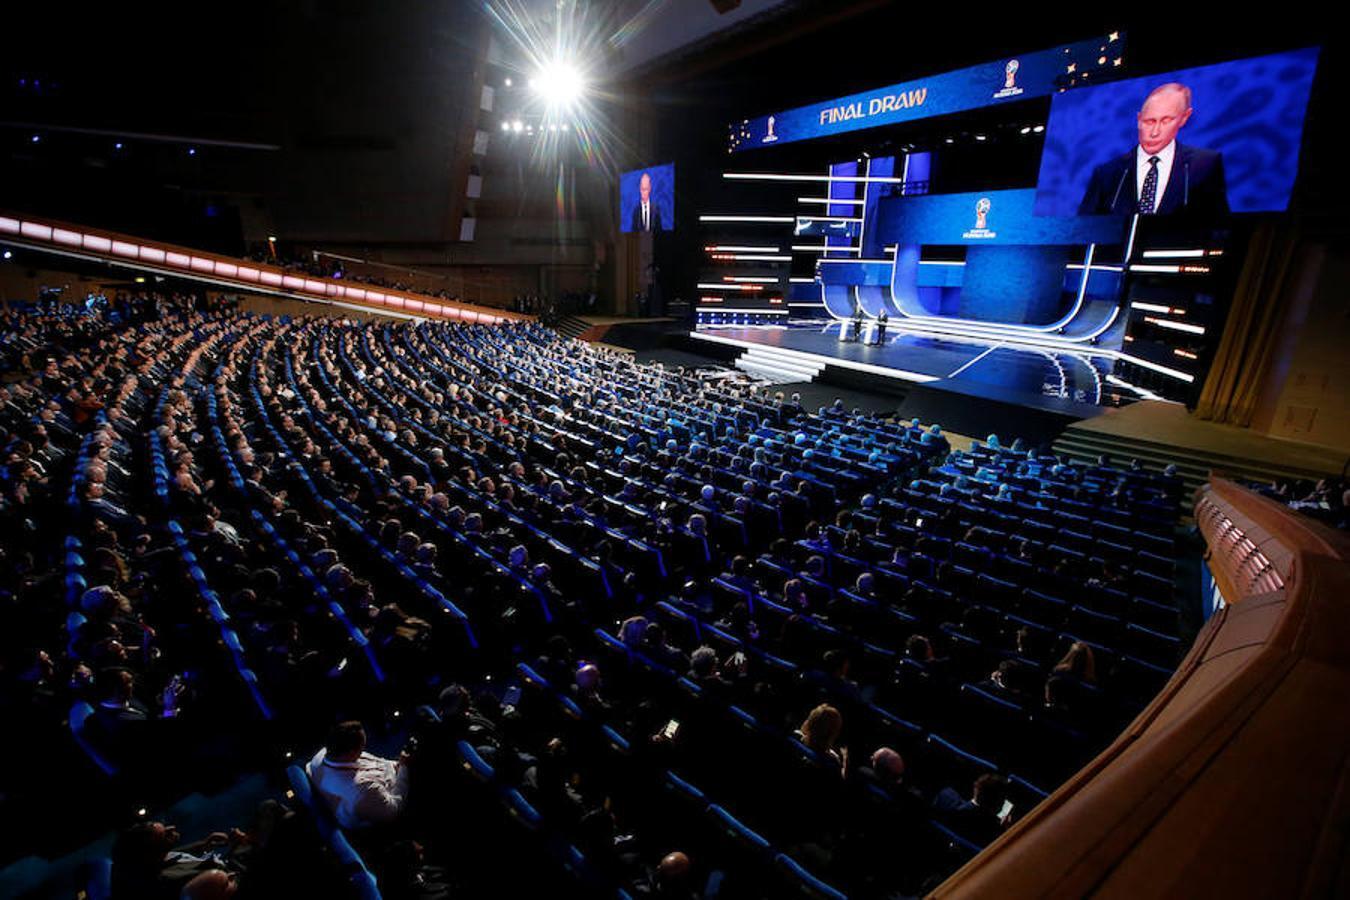 Rusia reservó para la gala un escenario de lujo